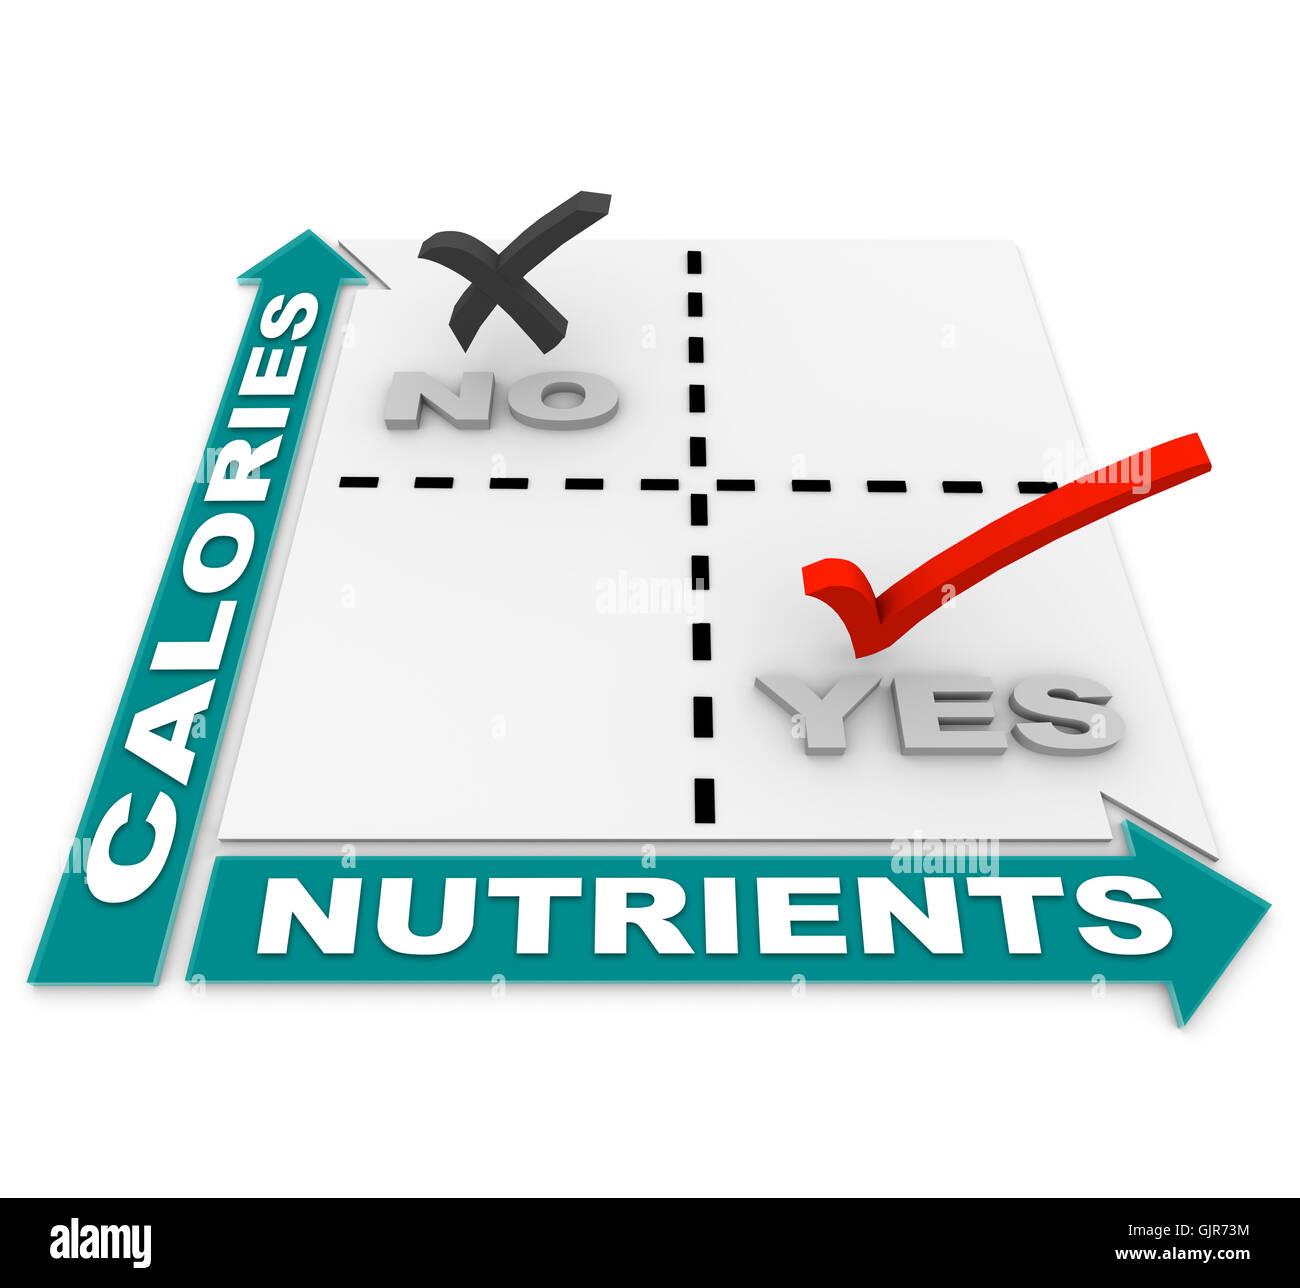 Vs Nutrition Calories Matrix - Régime alimentaire des meilleurs aliments Photo Stock